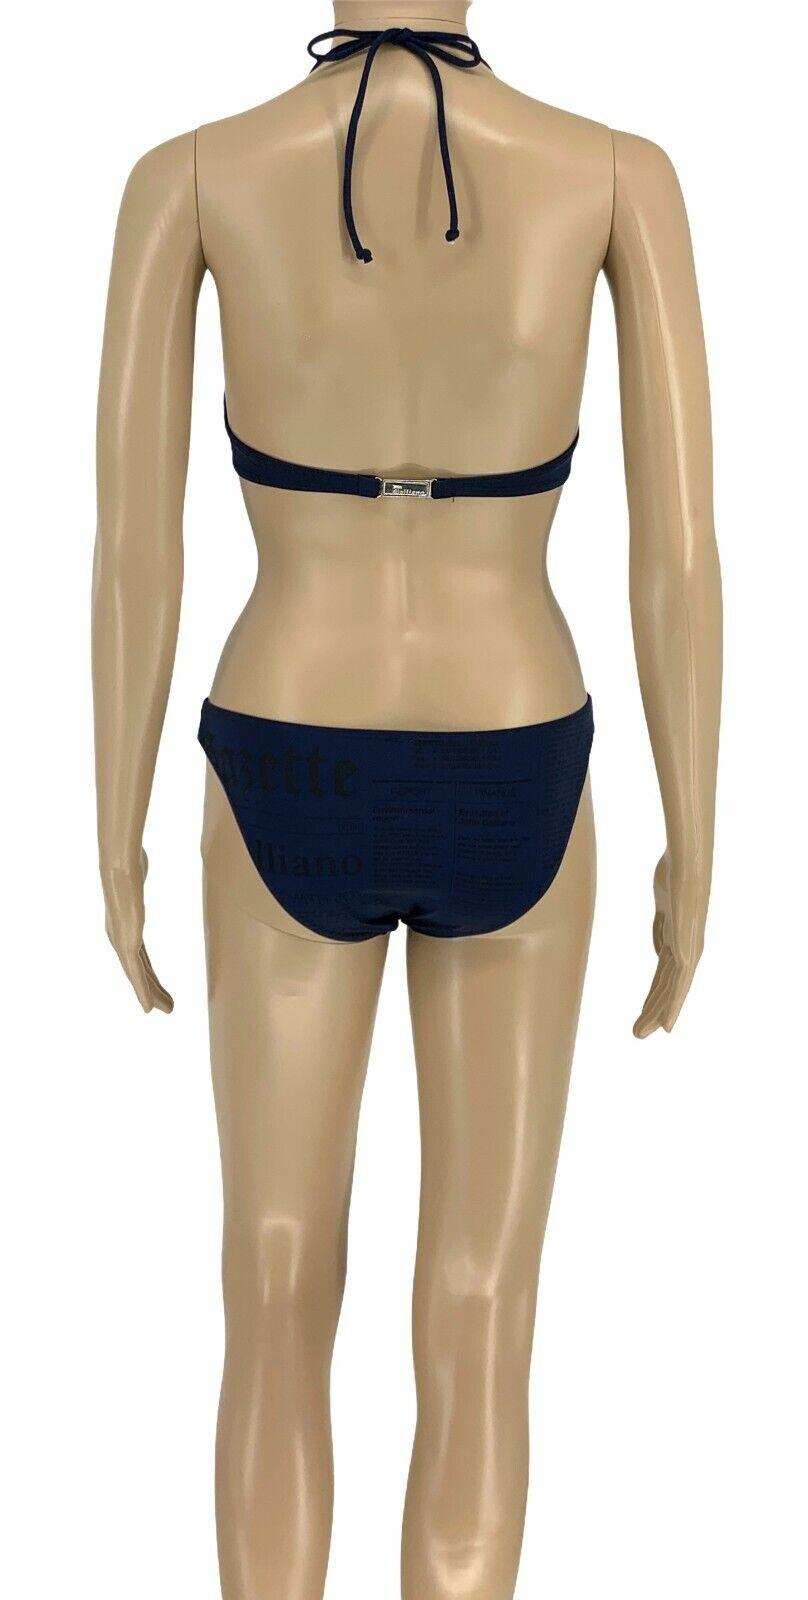 John Galliano Logo Zeitungen Bikini Bademode Separate #40 Nylon Dark Blau Rankab